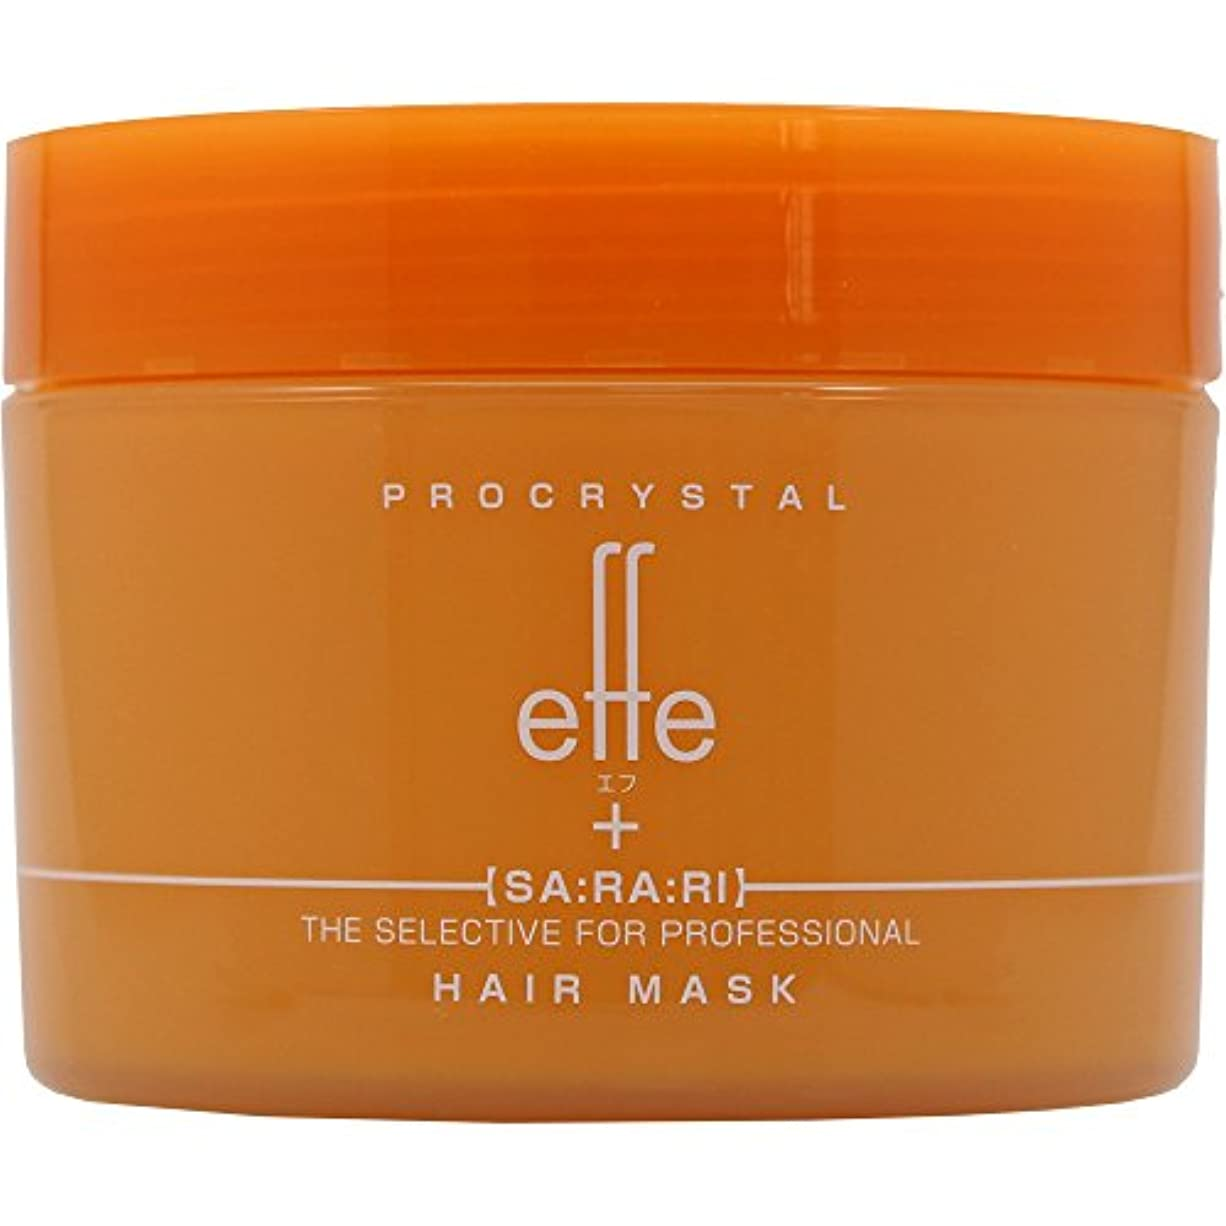 シェトランド諸島分離絶妙アペティート化粧品 プロクリスタル effe (エフ) ヘアマスク さらり200g